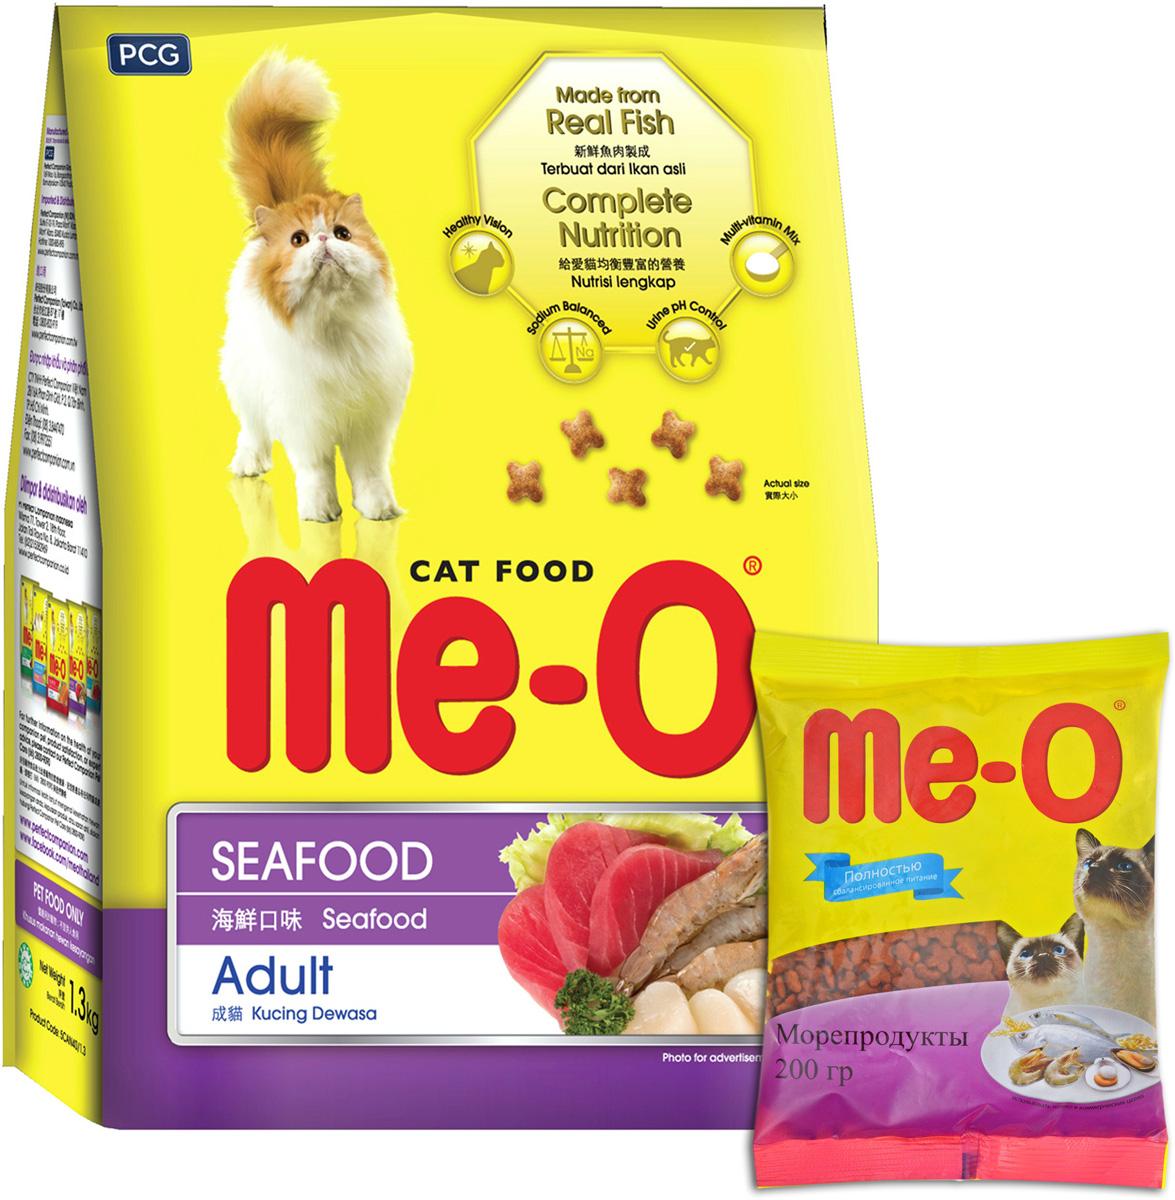 Корм сухой для кошек и котов PCG Ме-О, морепродукты, 200 г, 35 шт корм консервированный для кошек pcg ме о тунец в желе 400 г